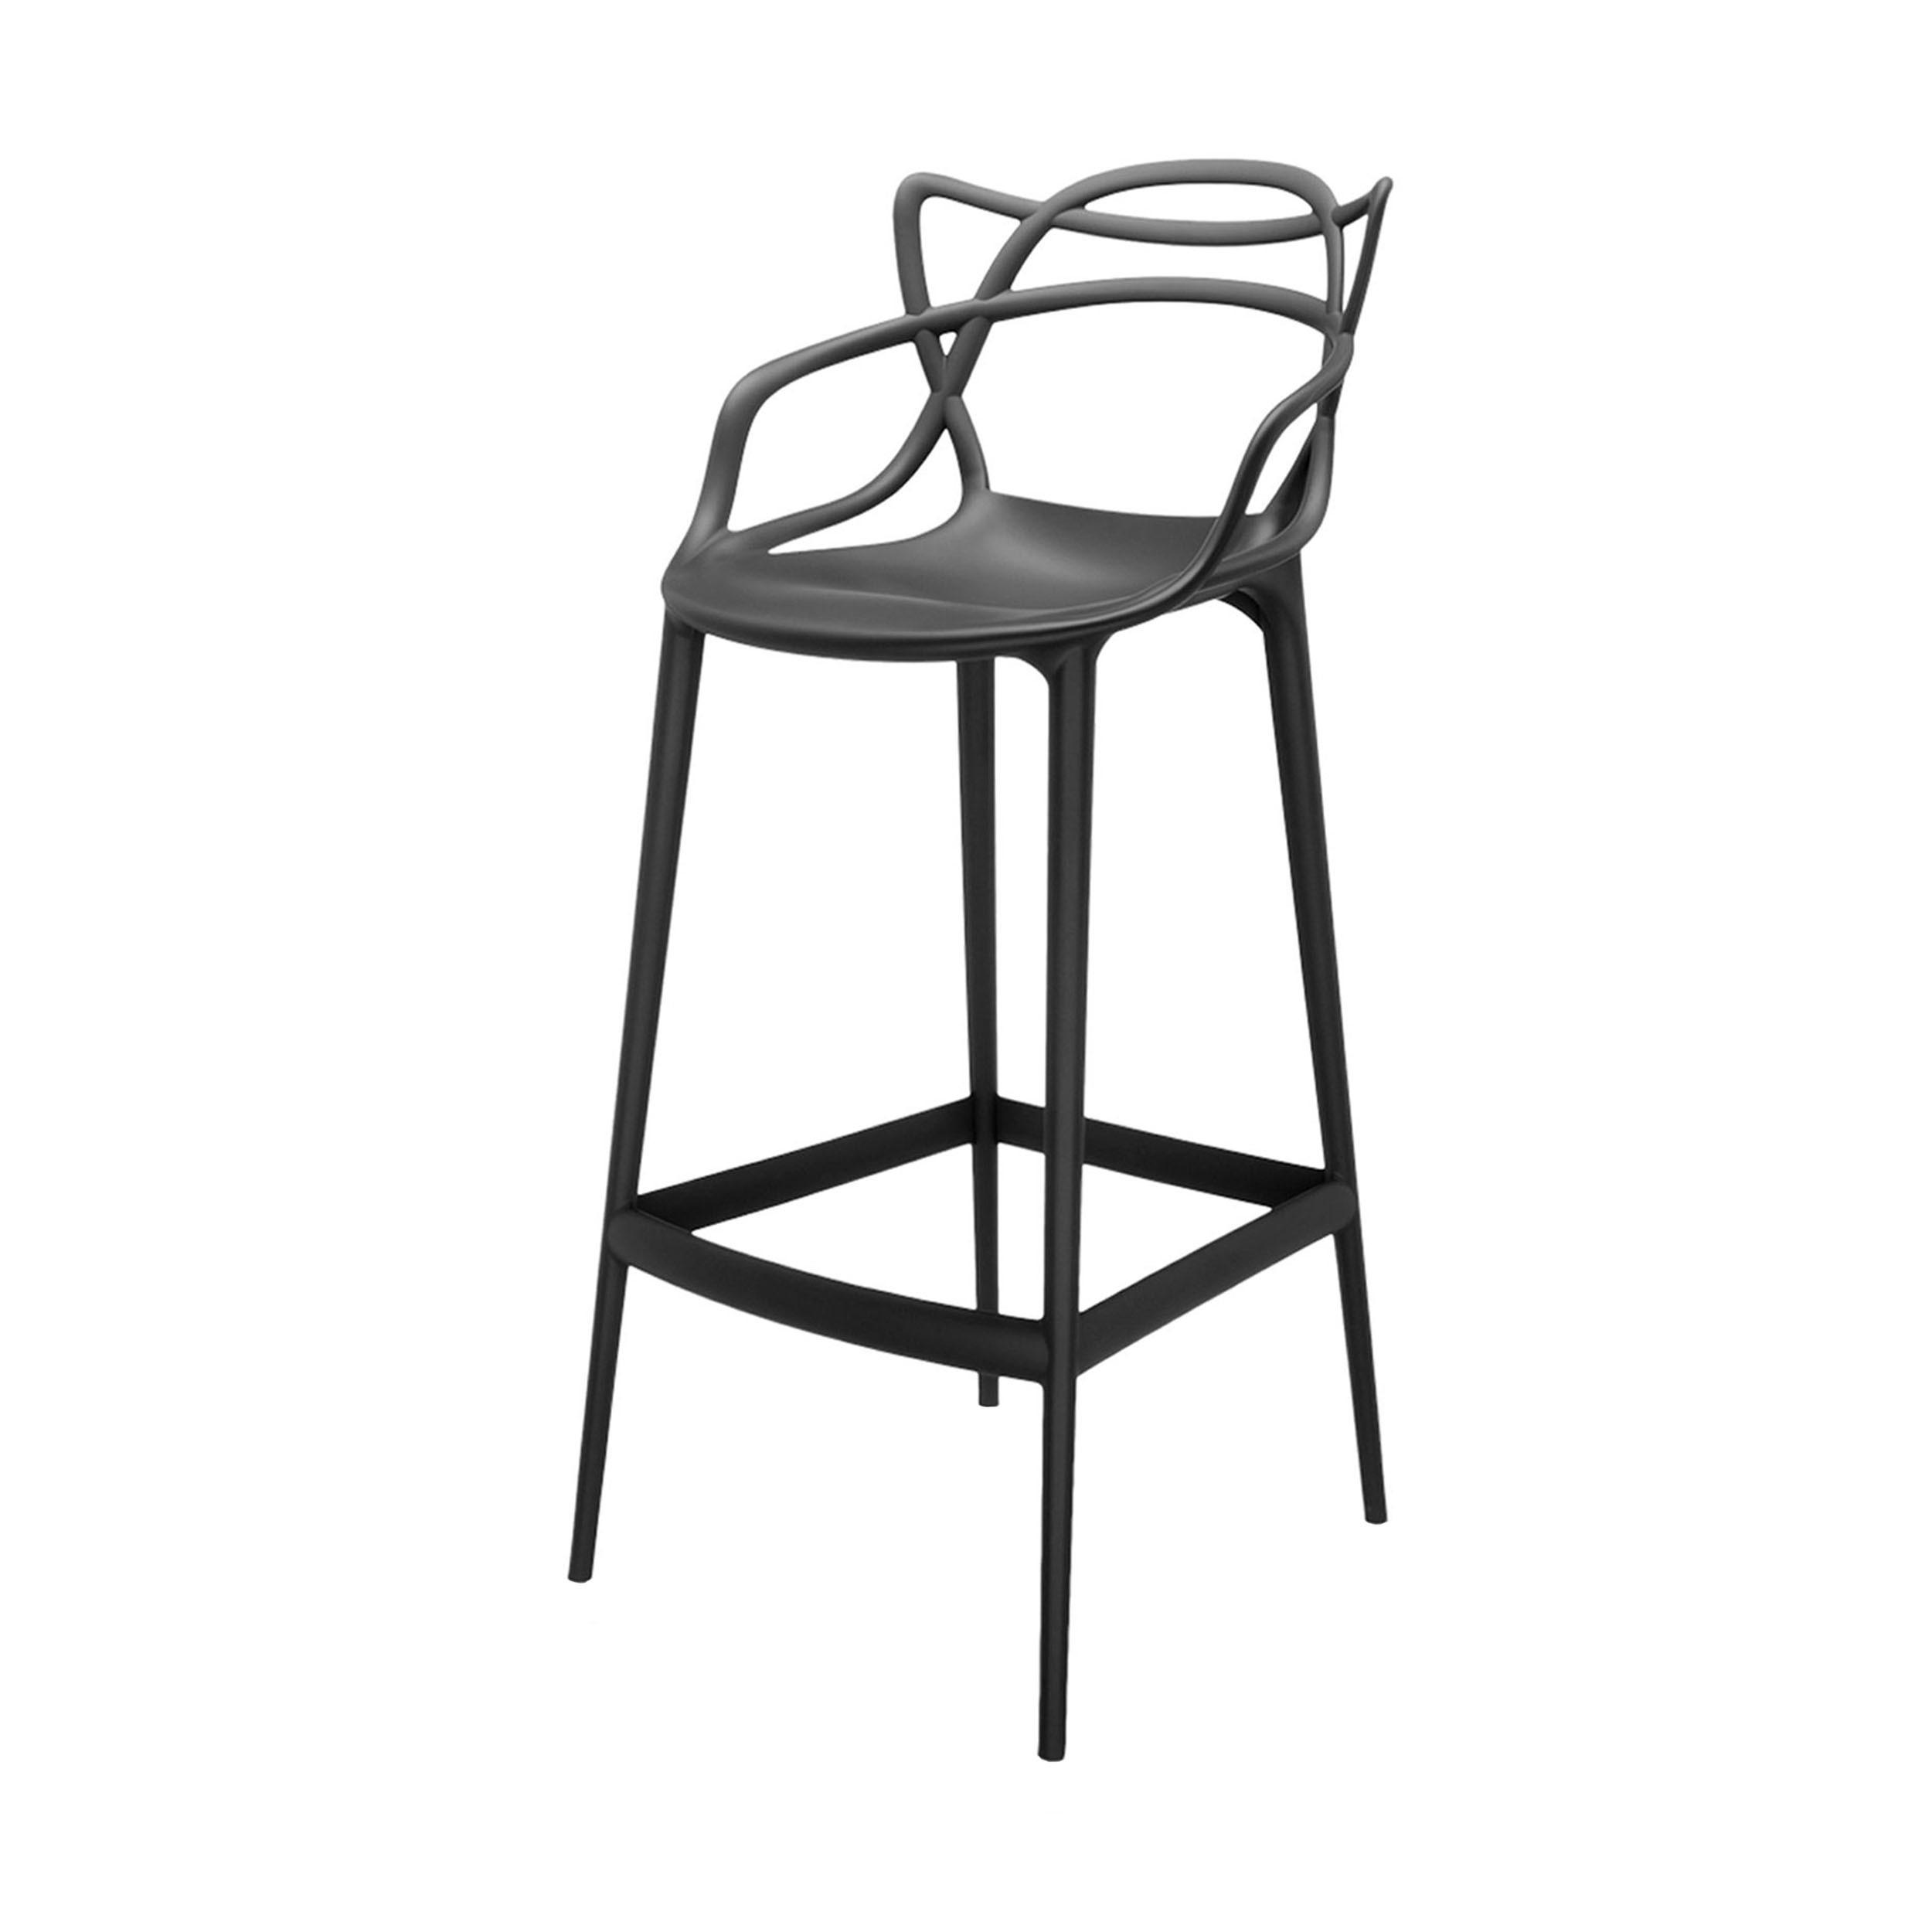 masters stool barhocker schwarz 109 online kaufen bei woonio. Black Bedroom Furniture Sets. Home Design Ideas